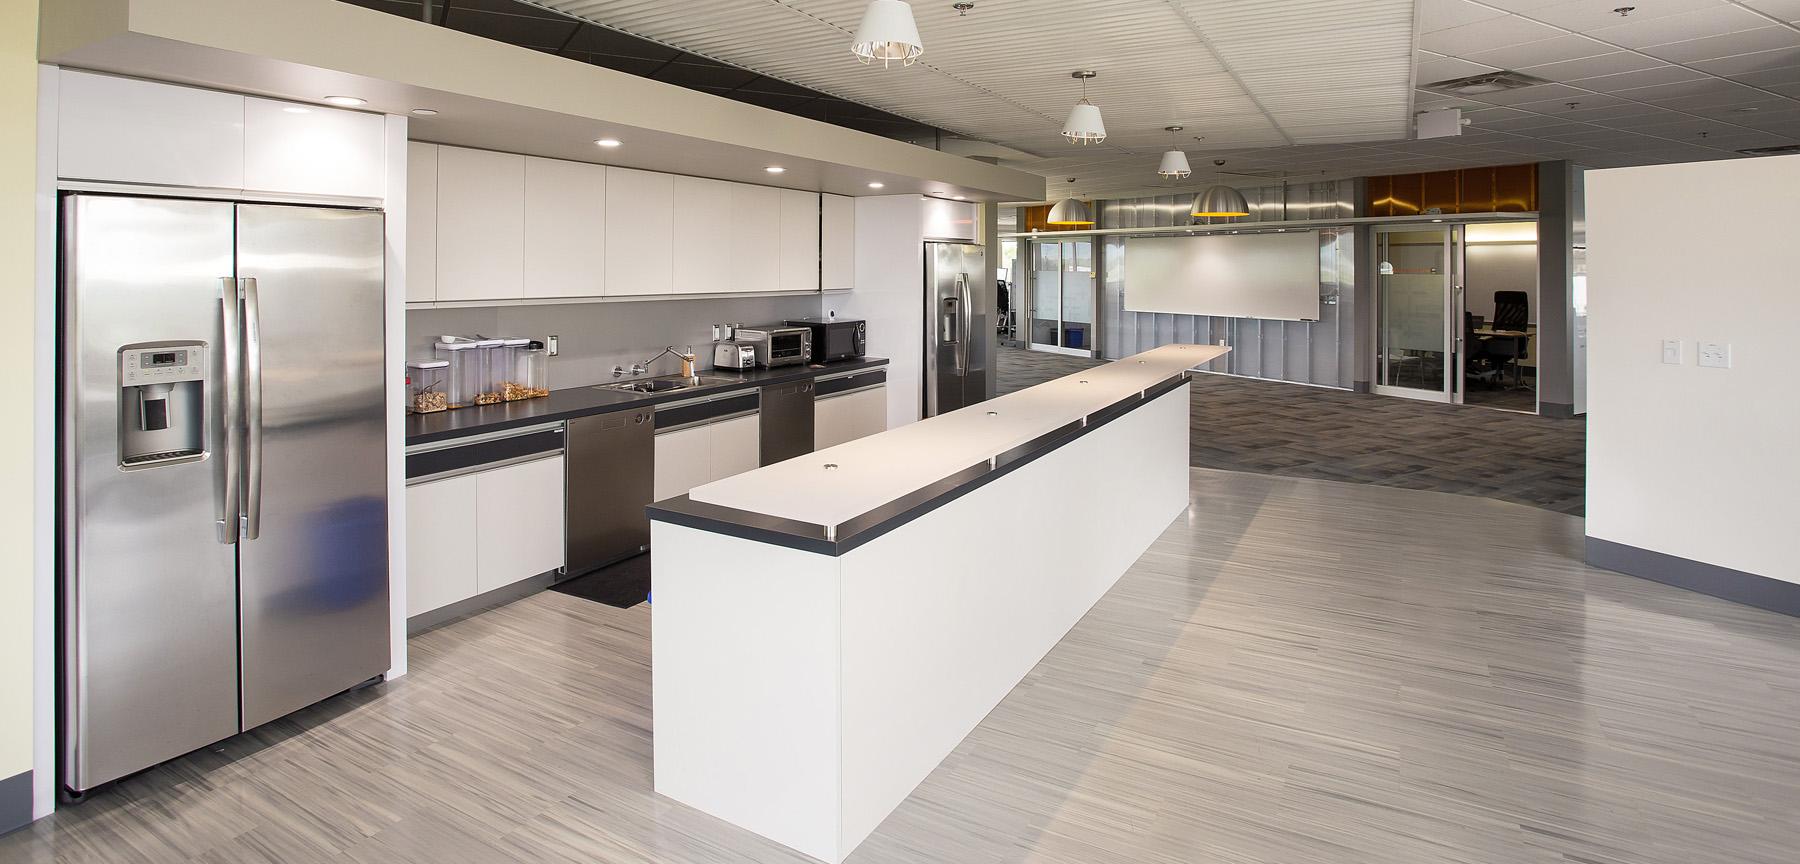 Datu Health kitchen